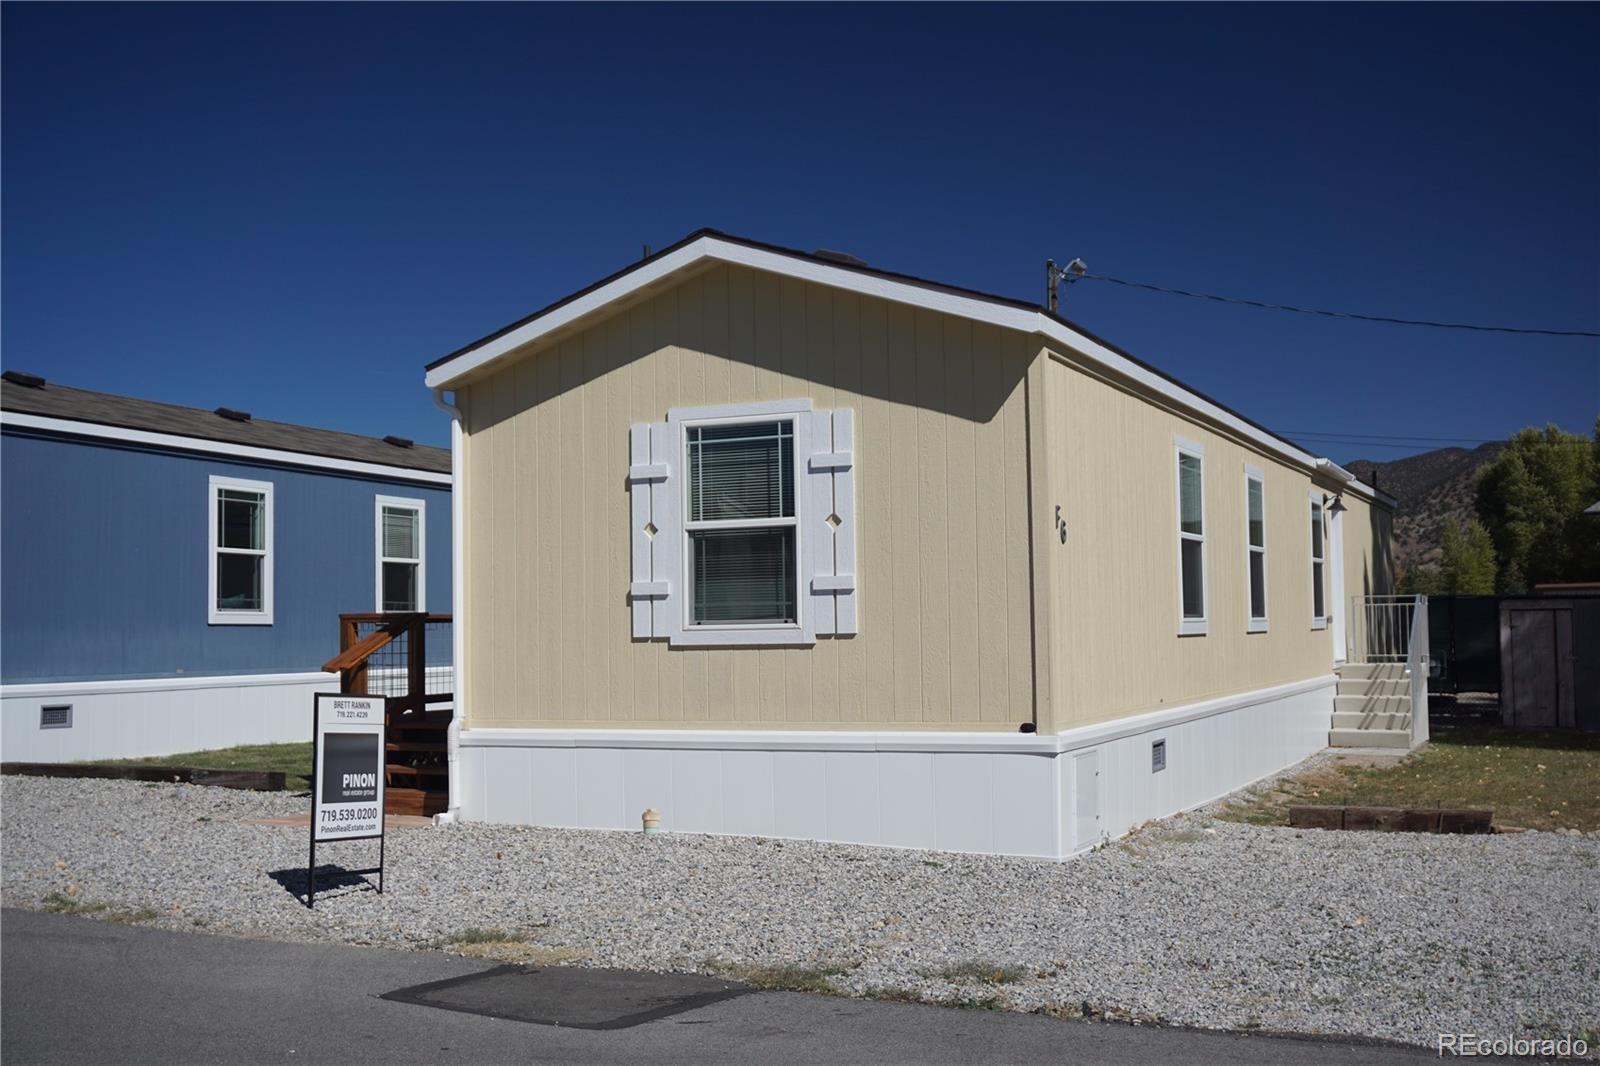 MLS# 4255950 - 1 - 910 J Street #F-6, Salida, CO 81201